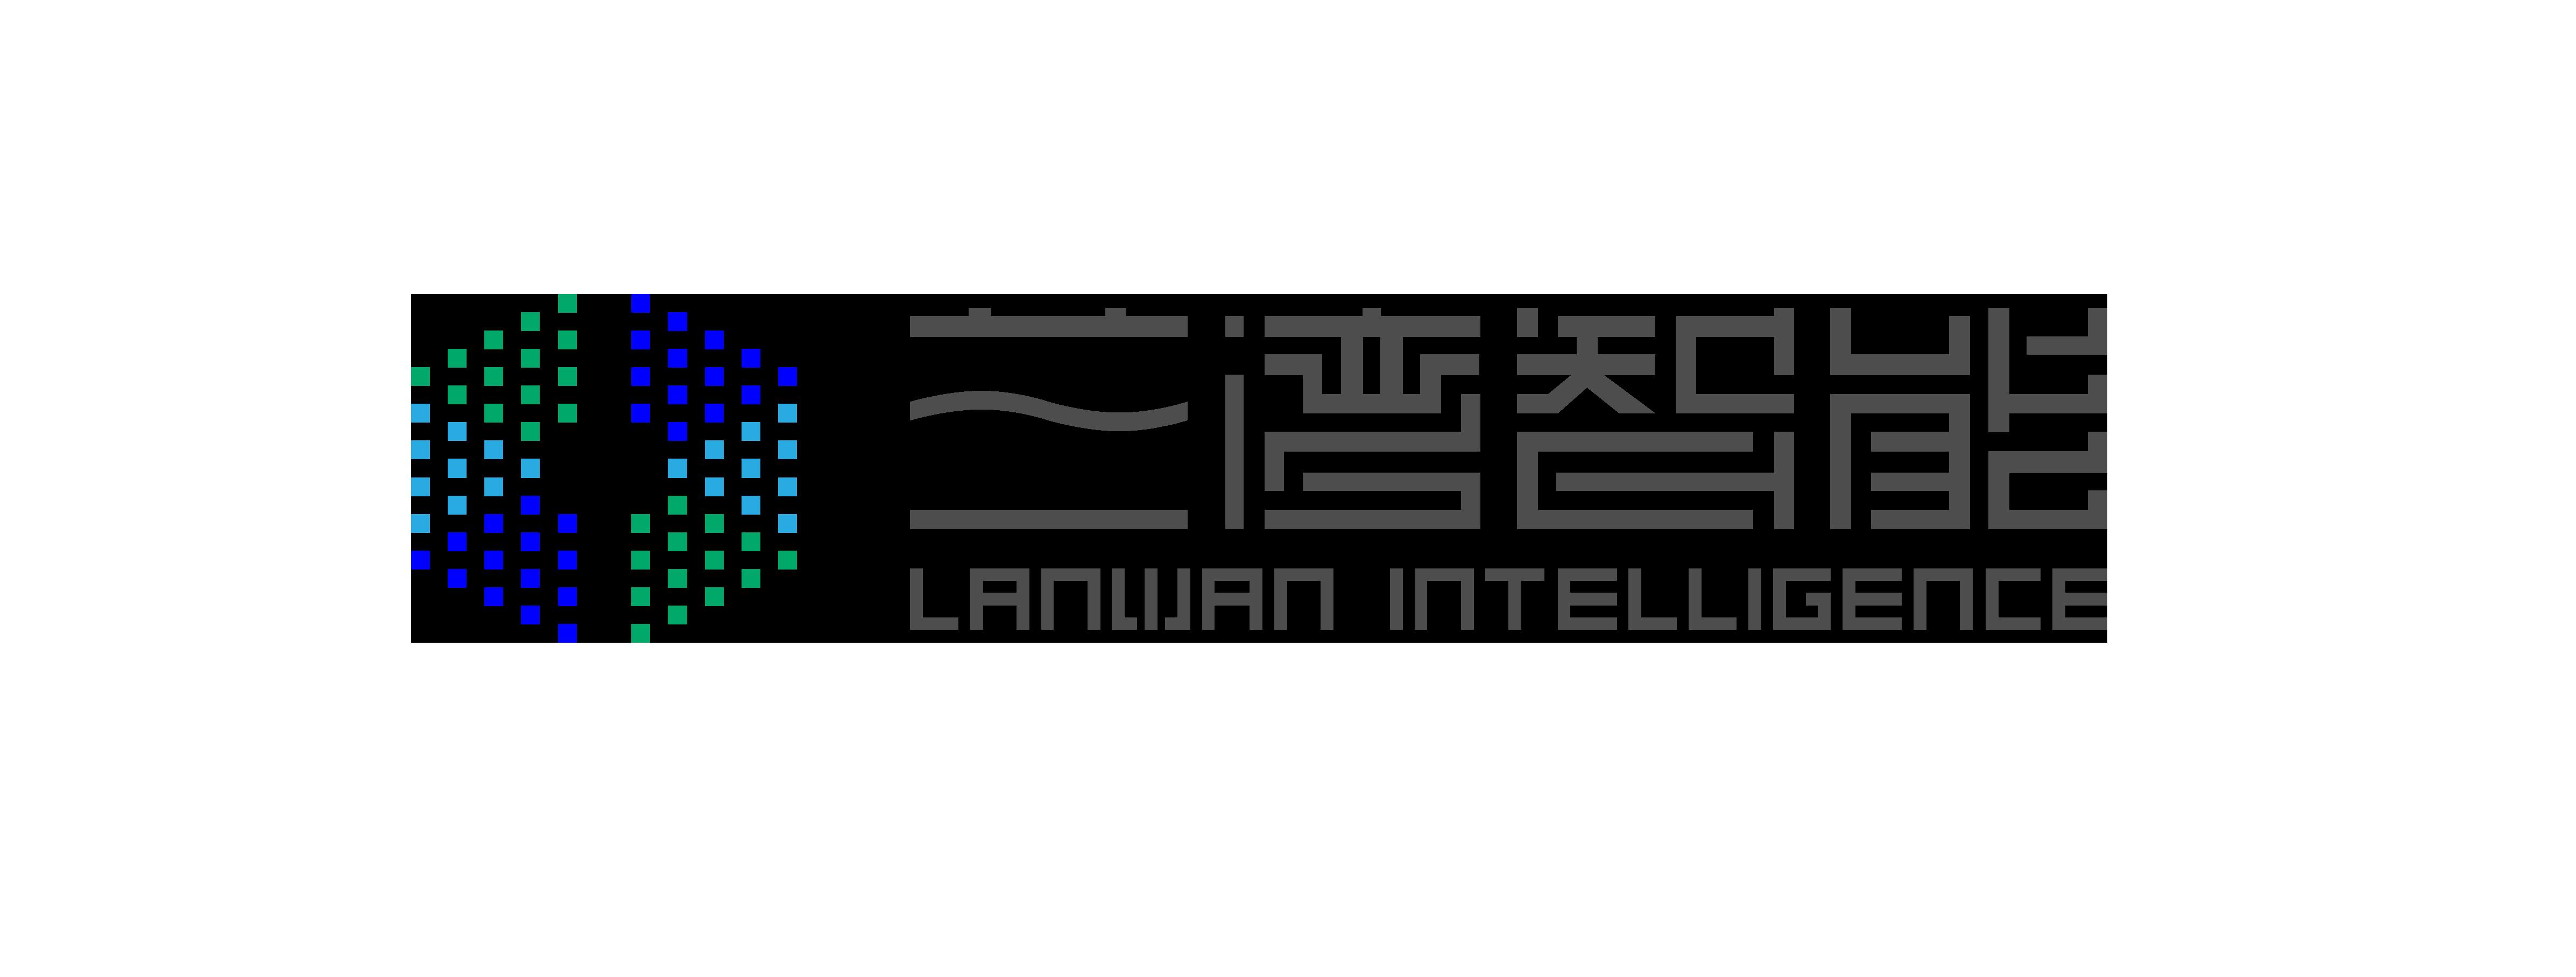 廣東蘭灣智能科技有限公司